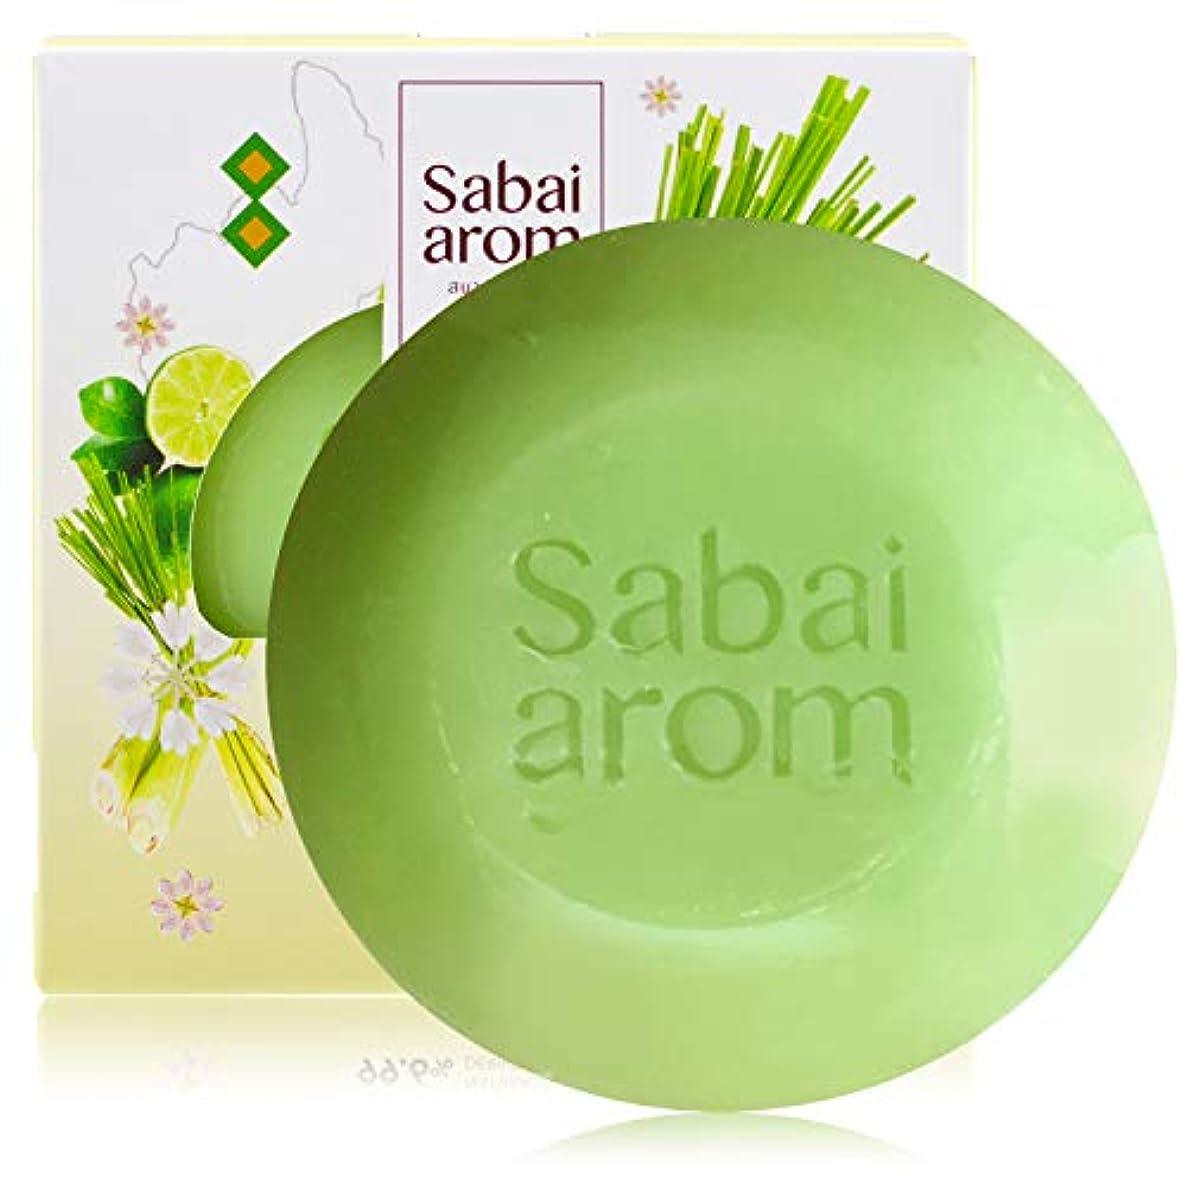 逃れる杭想定するサバイアロム(Sabai-arom) レモングラス フェイス&ボディソープバー (石鹸) 100g【LMG】【001】